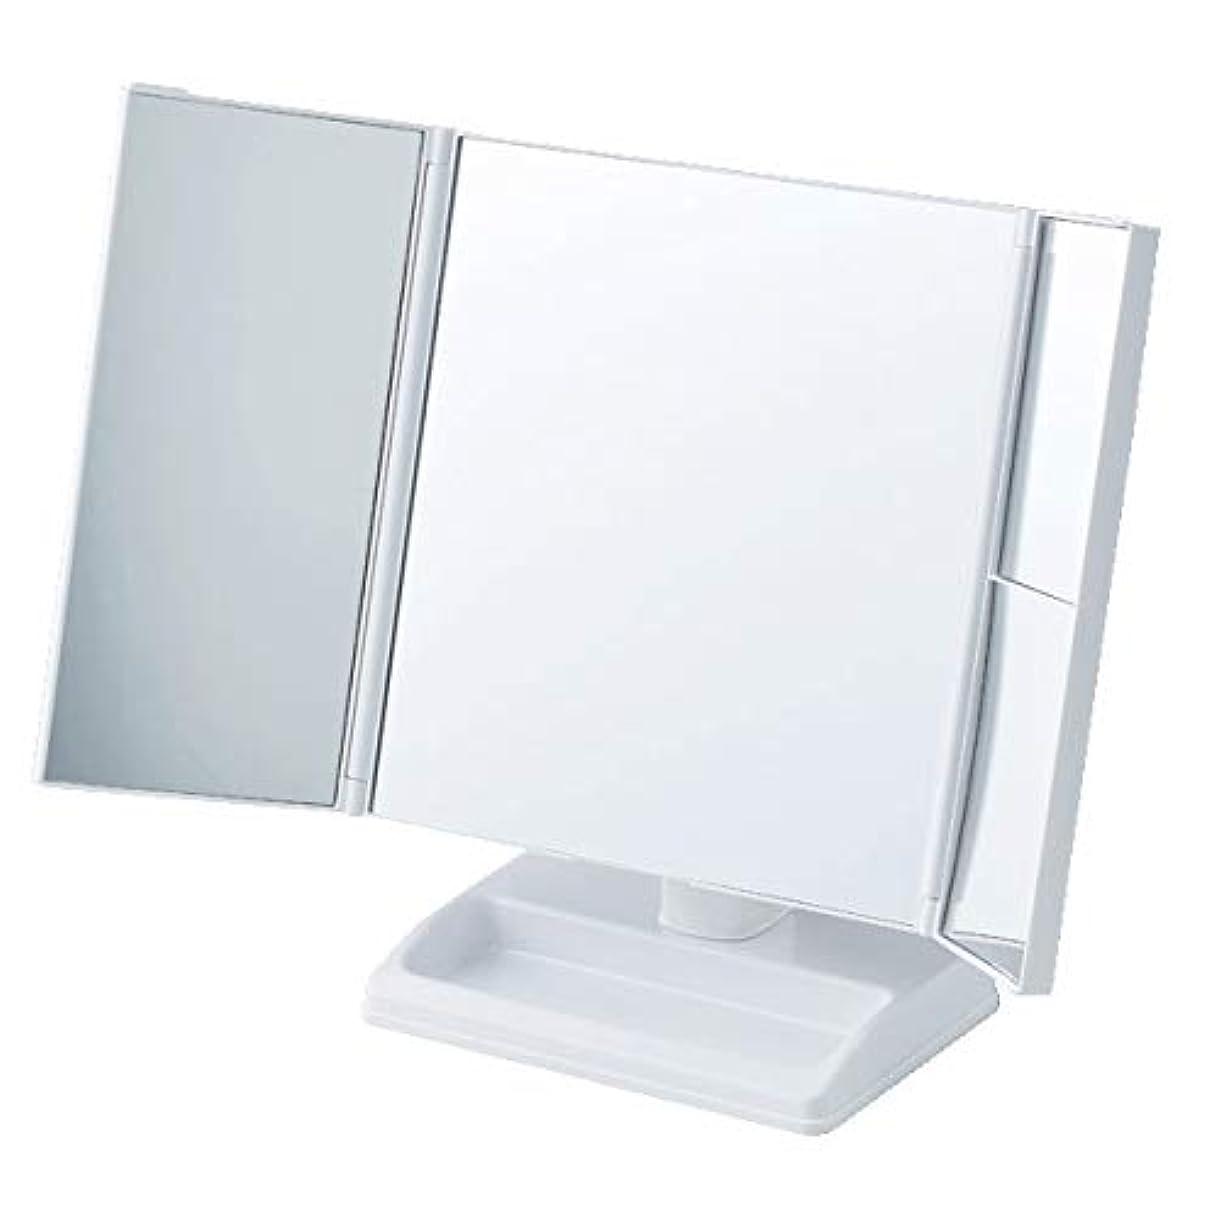 思い出す金額リーズテーブルで使う拡大鏡付三面ミラー